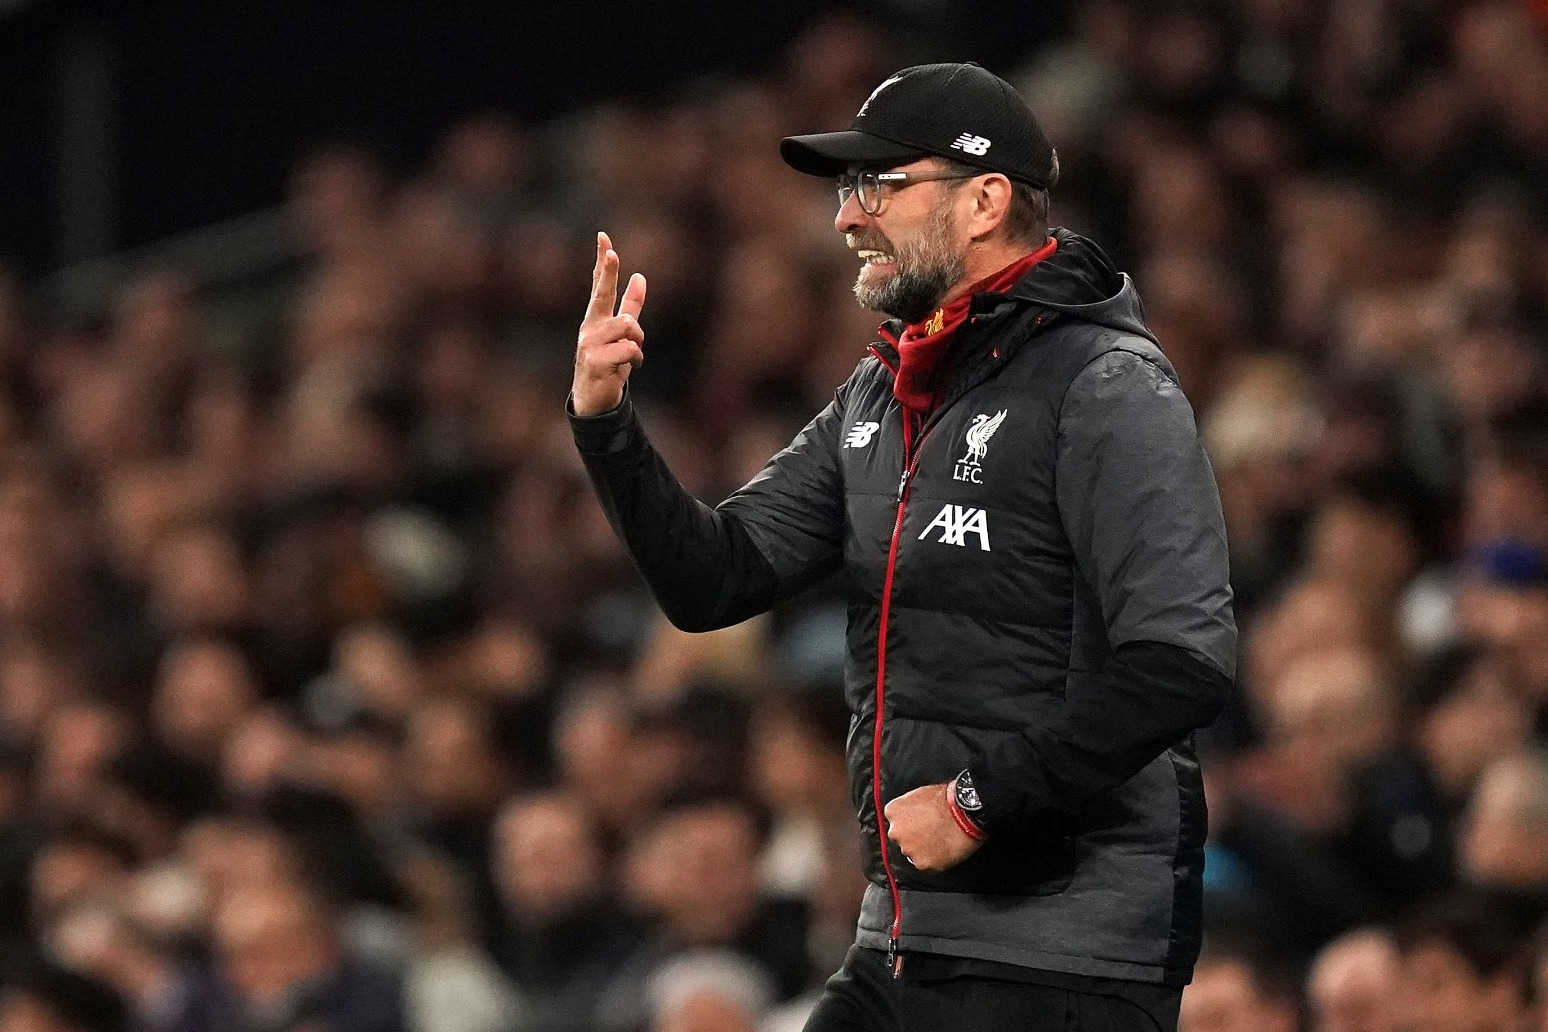 Liverpool continue march towards Premier League title